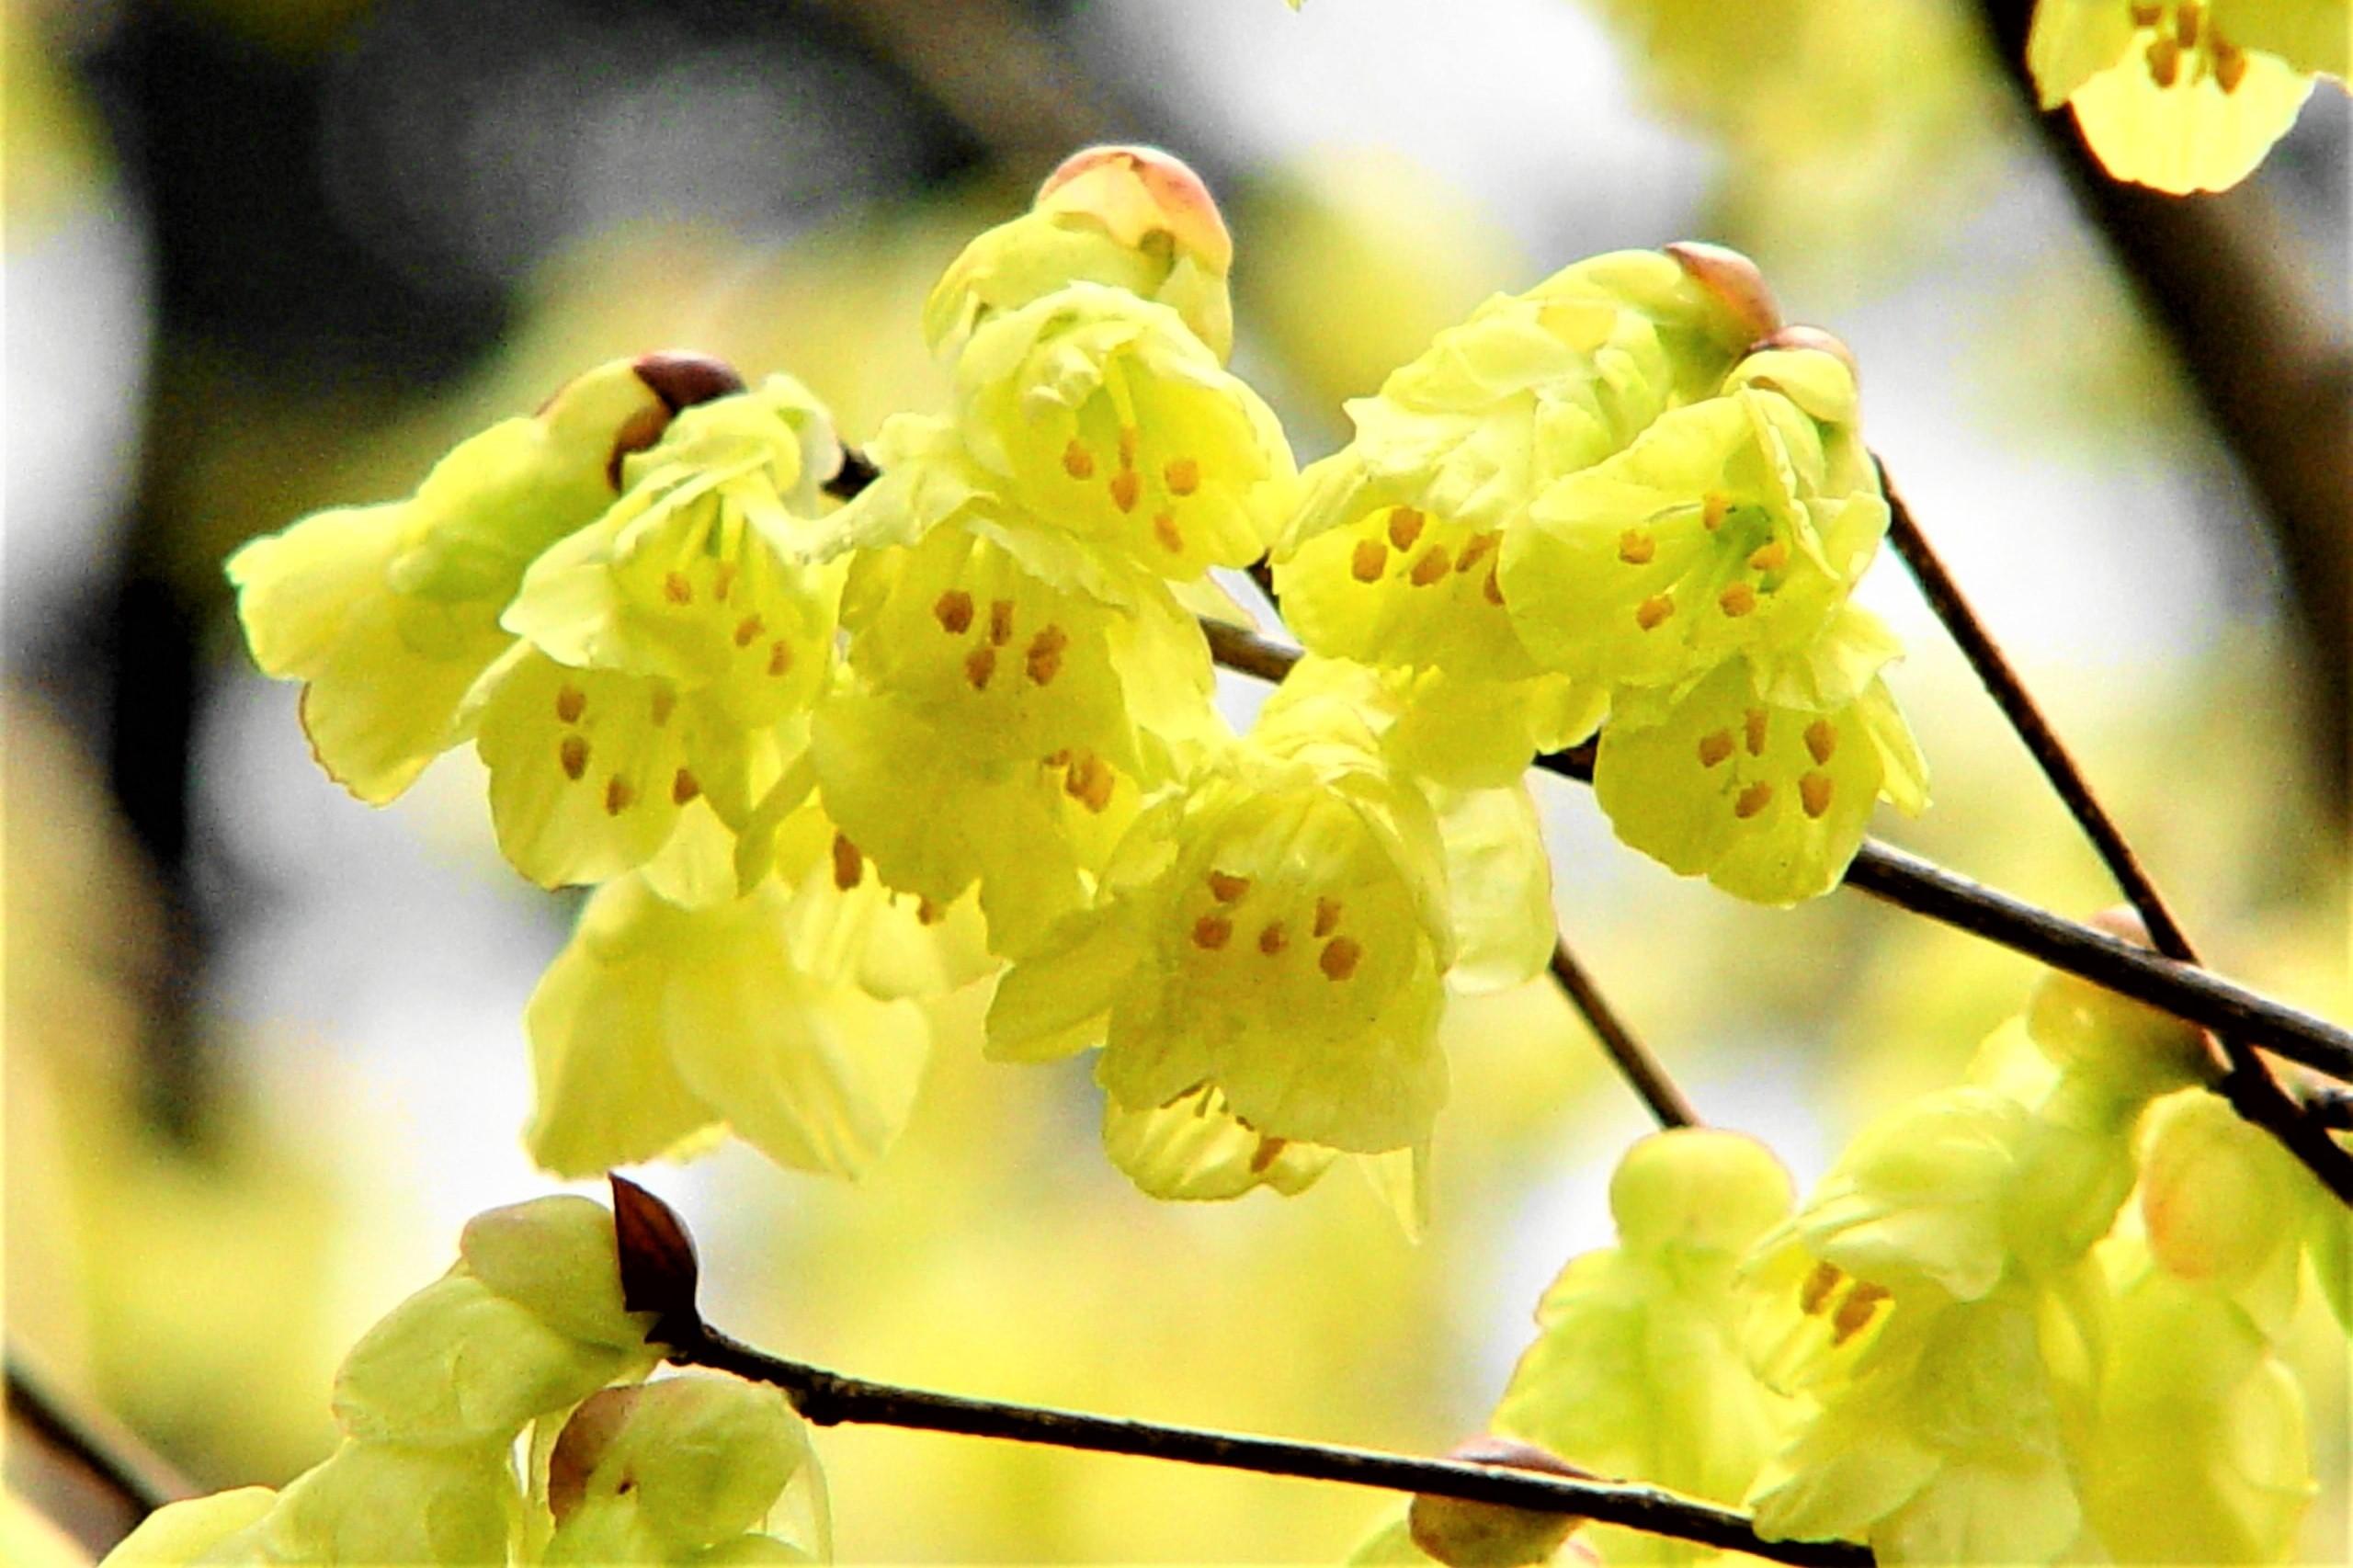 【低木】 ヒュウガミズキ Corylopsis pauciflora 〈落葉広葉樹〉